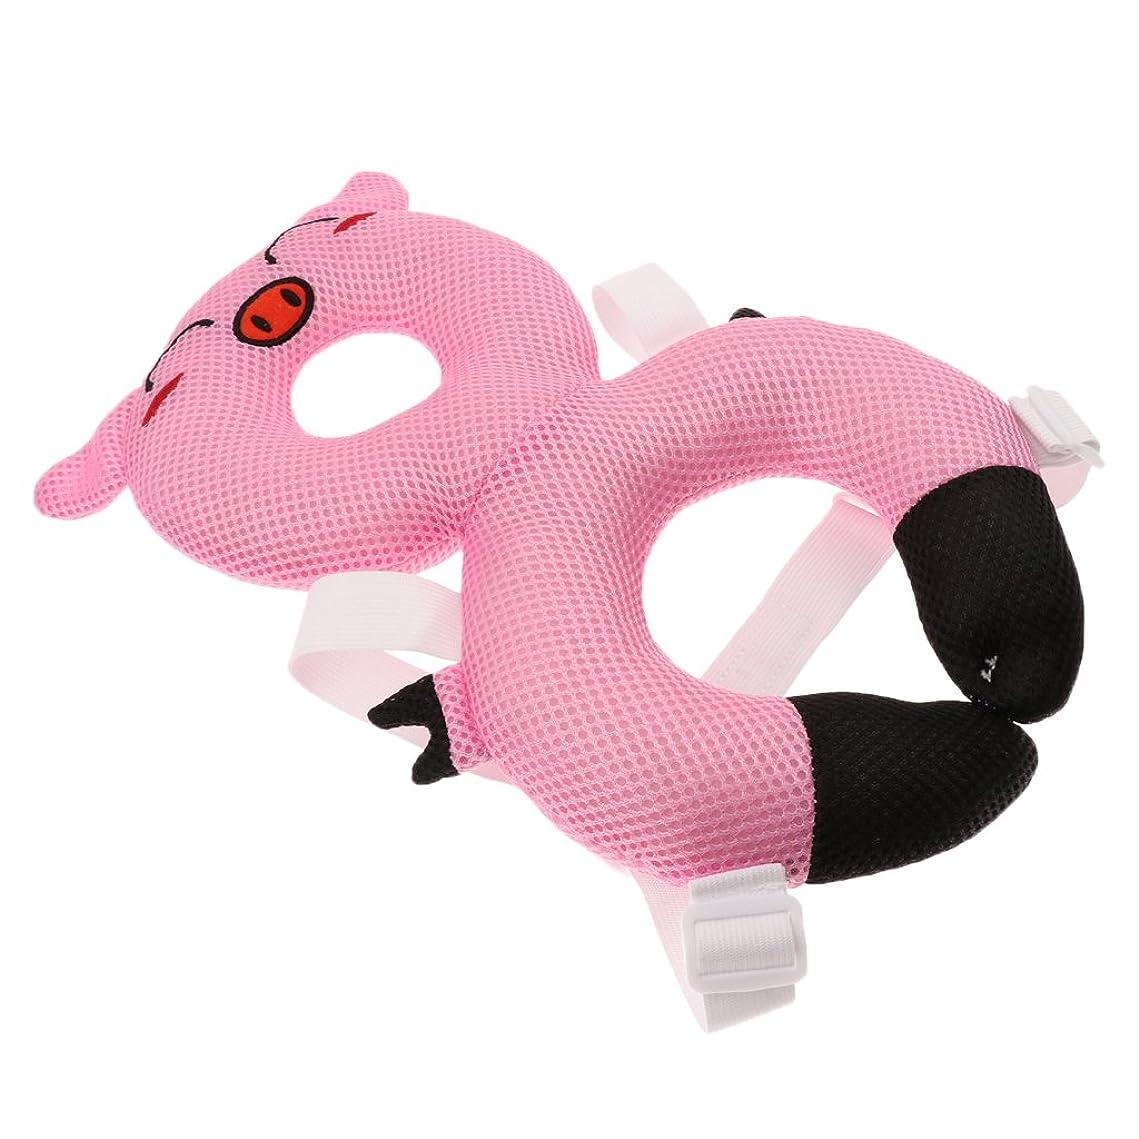 着るカウントアップ永遠にT TOOYFUL キッズ 乳幼児用 頭を保護できる ヘッド プロテクター 保護 怪我防止 可愛い 通気性 全8種 - カラー8